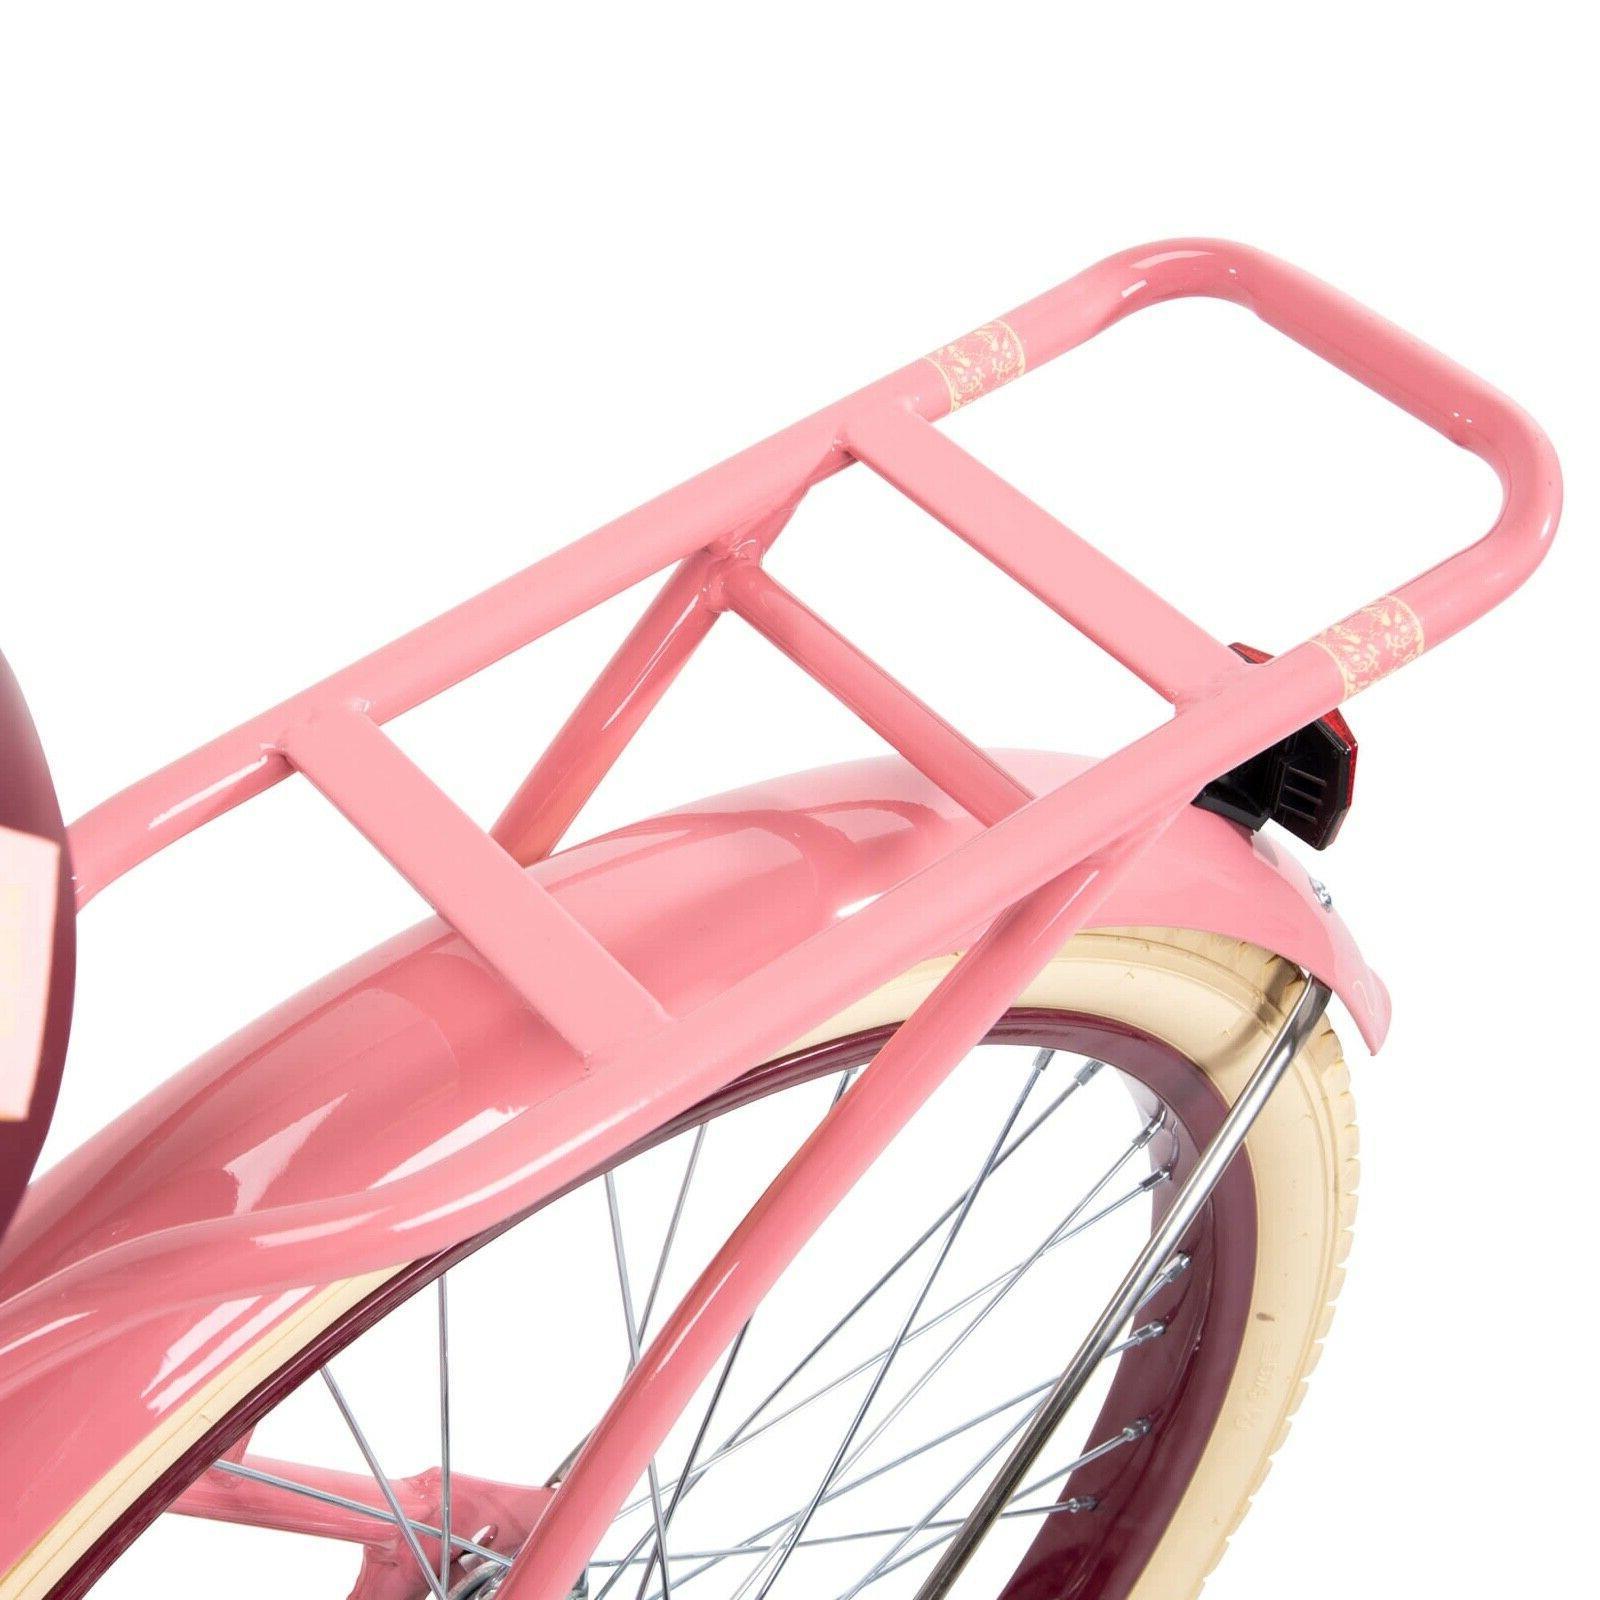 🚲Huffy Nel Cruiser Bike BEST GIFT SHIP